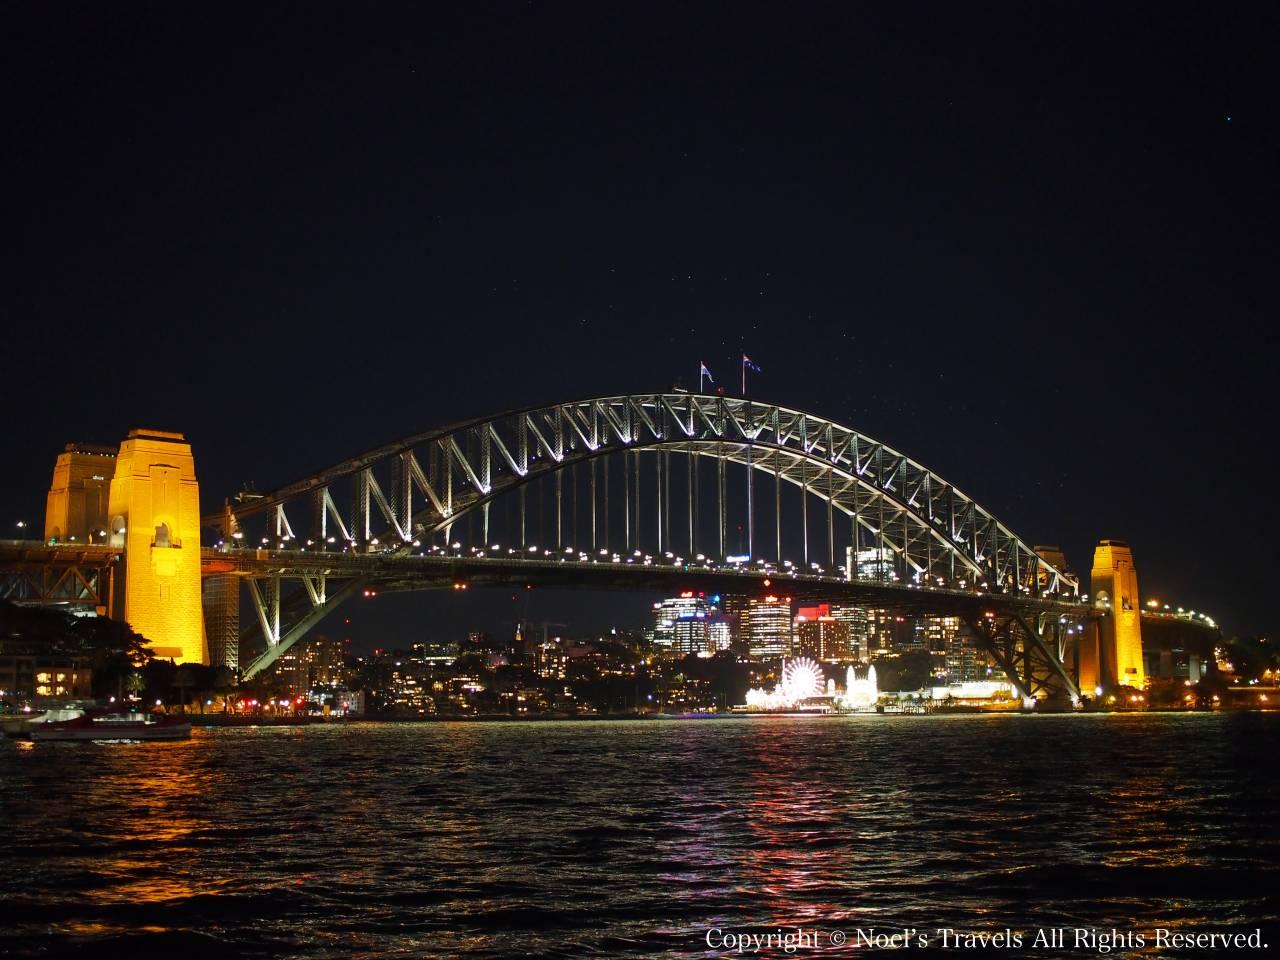 シドニー・ハーバーブリッジの夜景